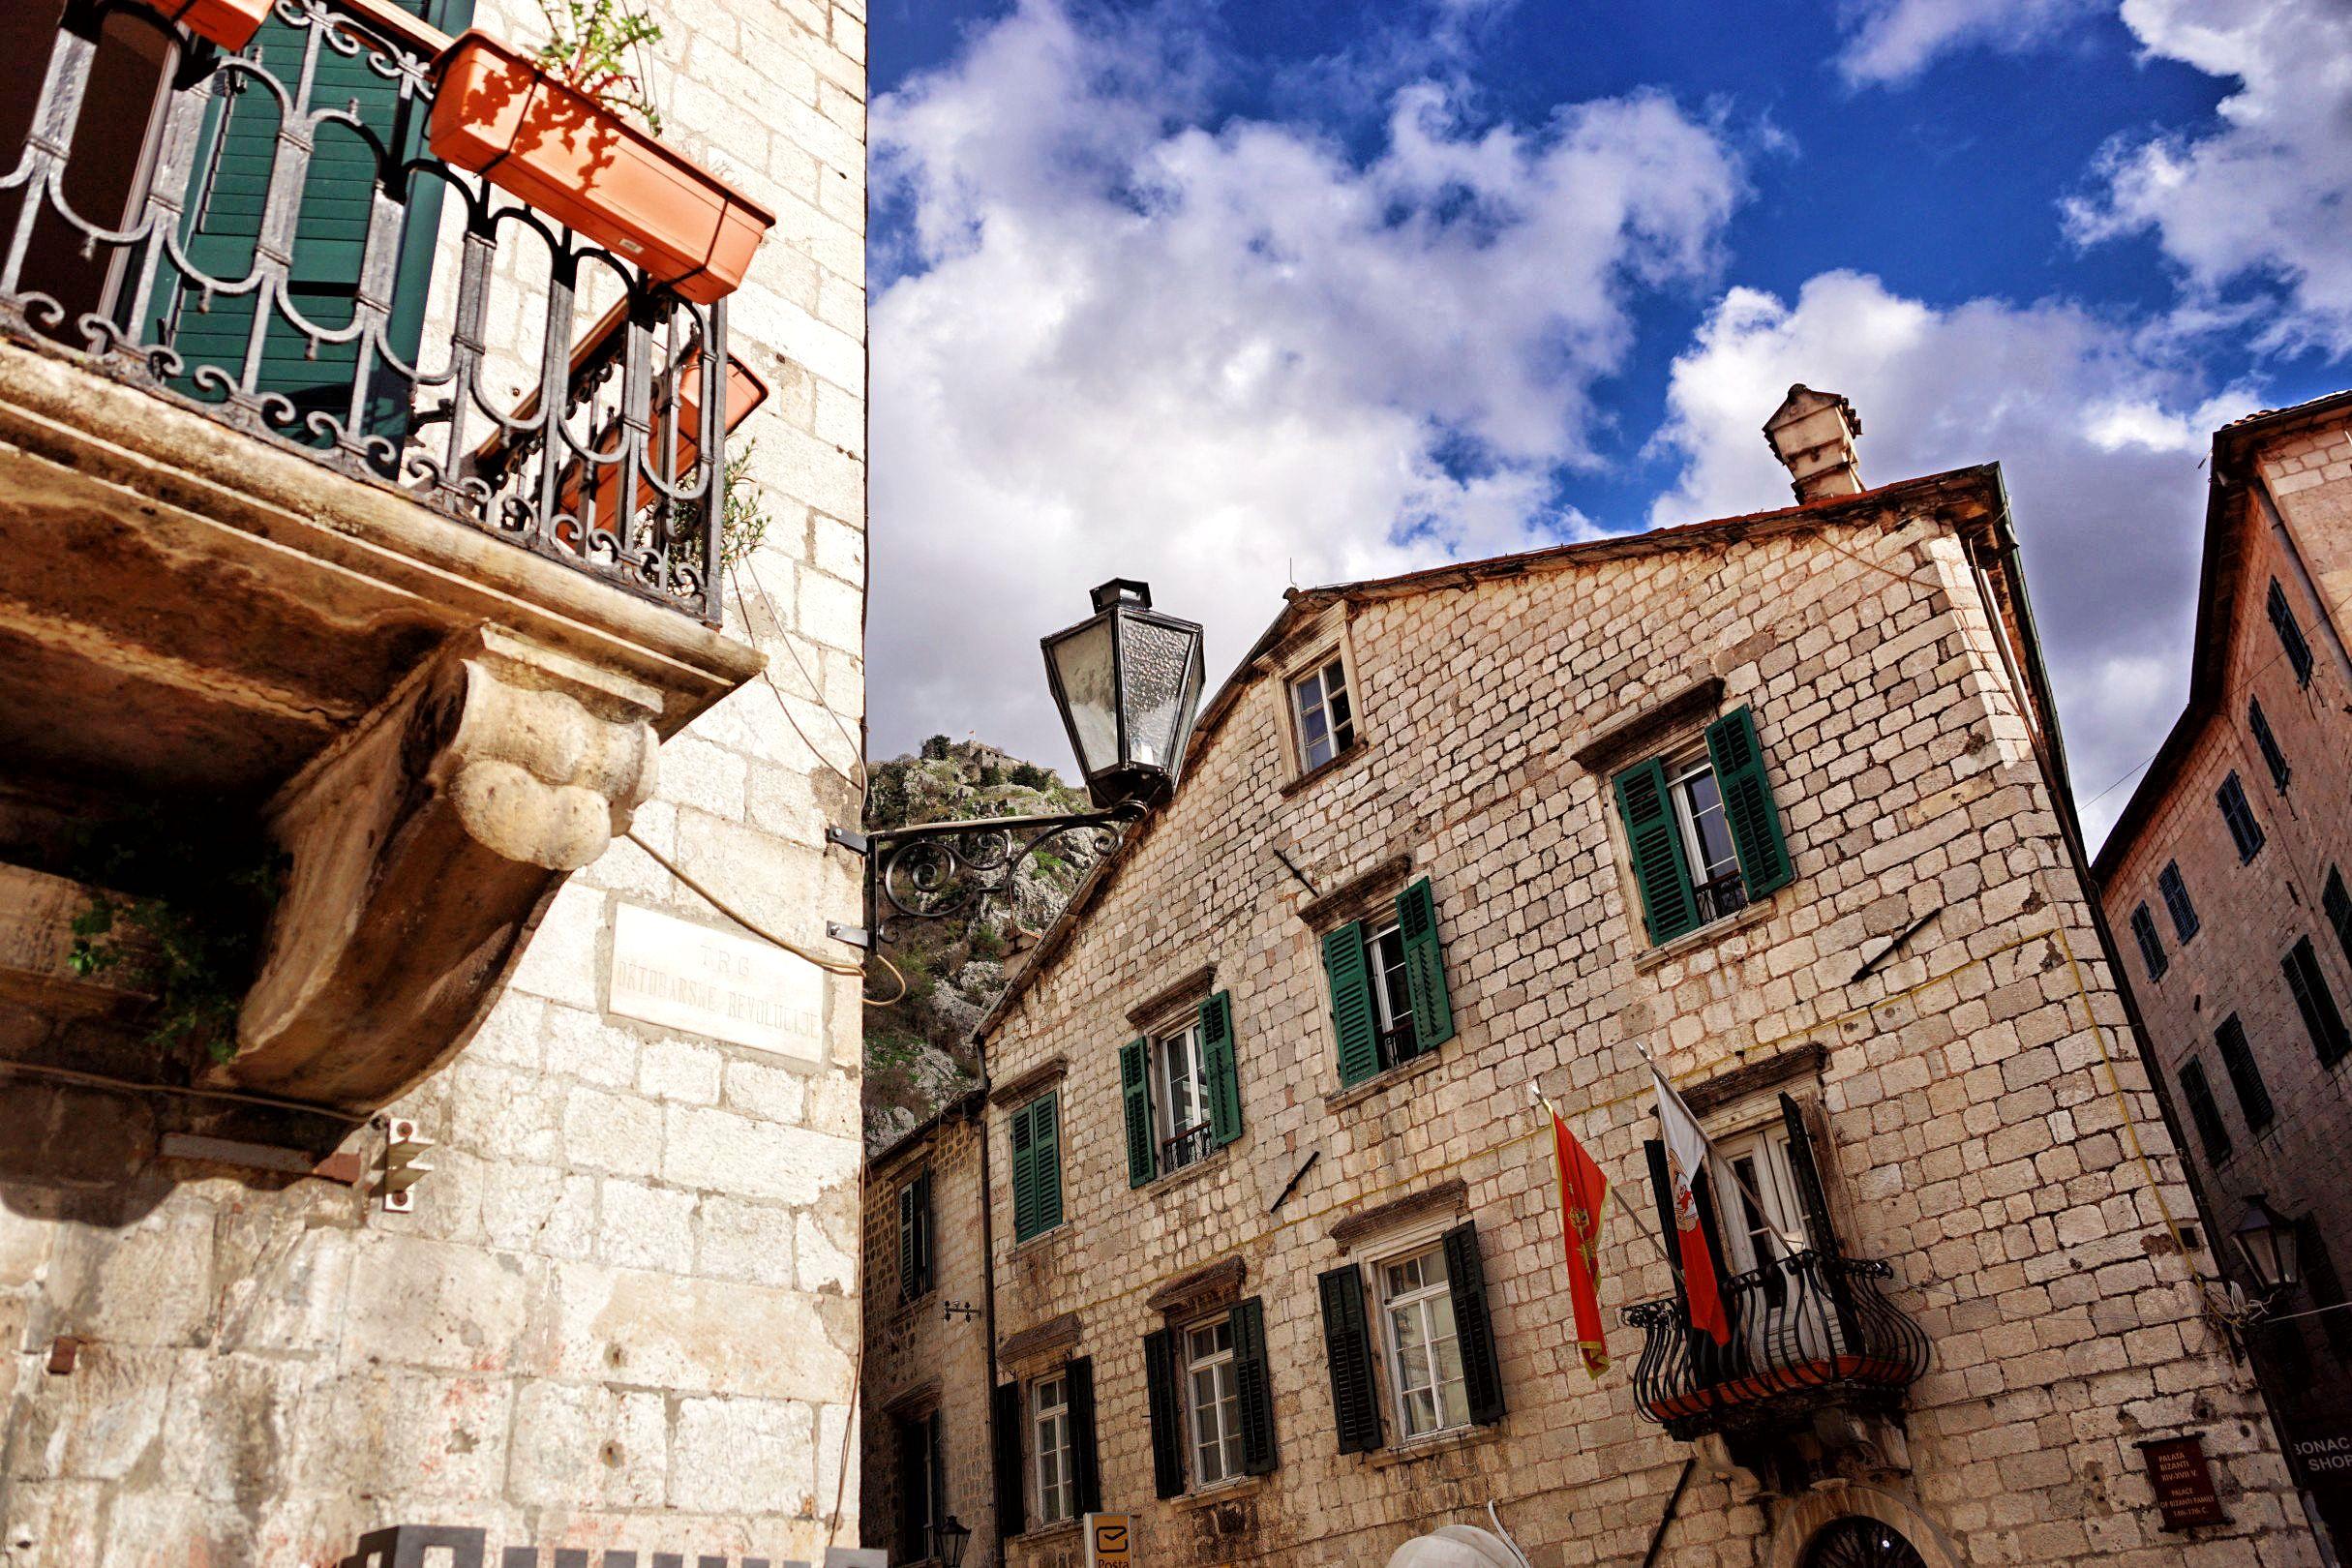 Trg od sveti Luke czyli plac św. Łukasza